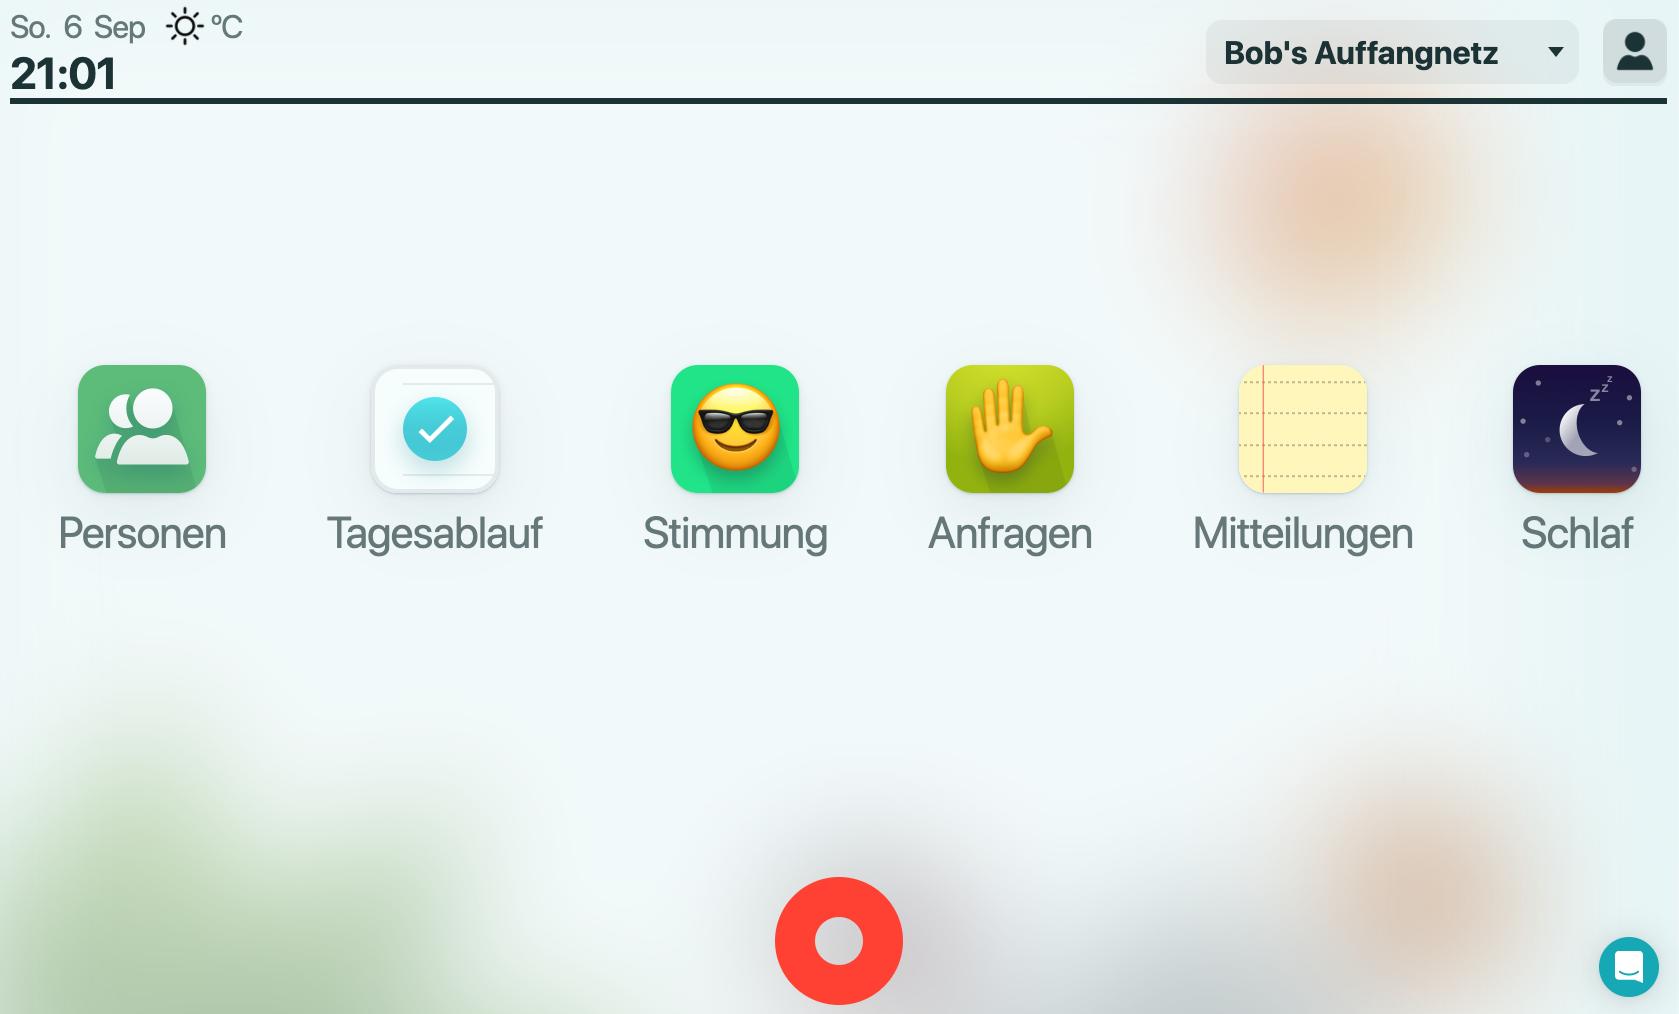 Screenshot 2020-09-06 at 21.01.25